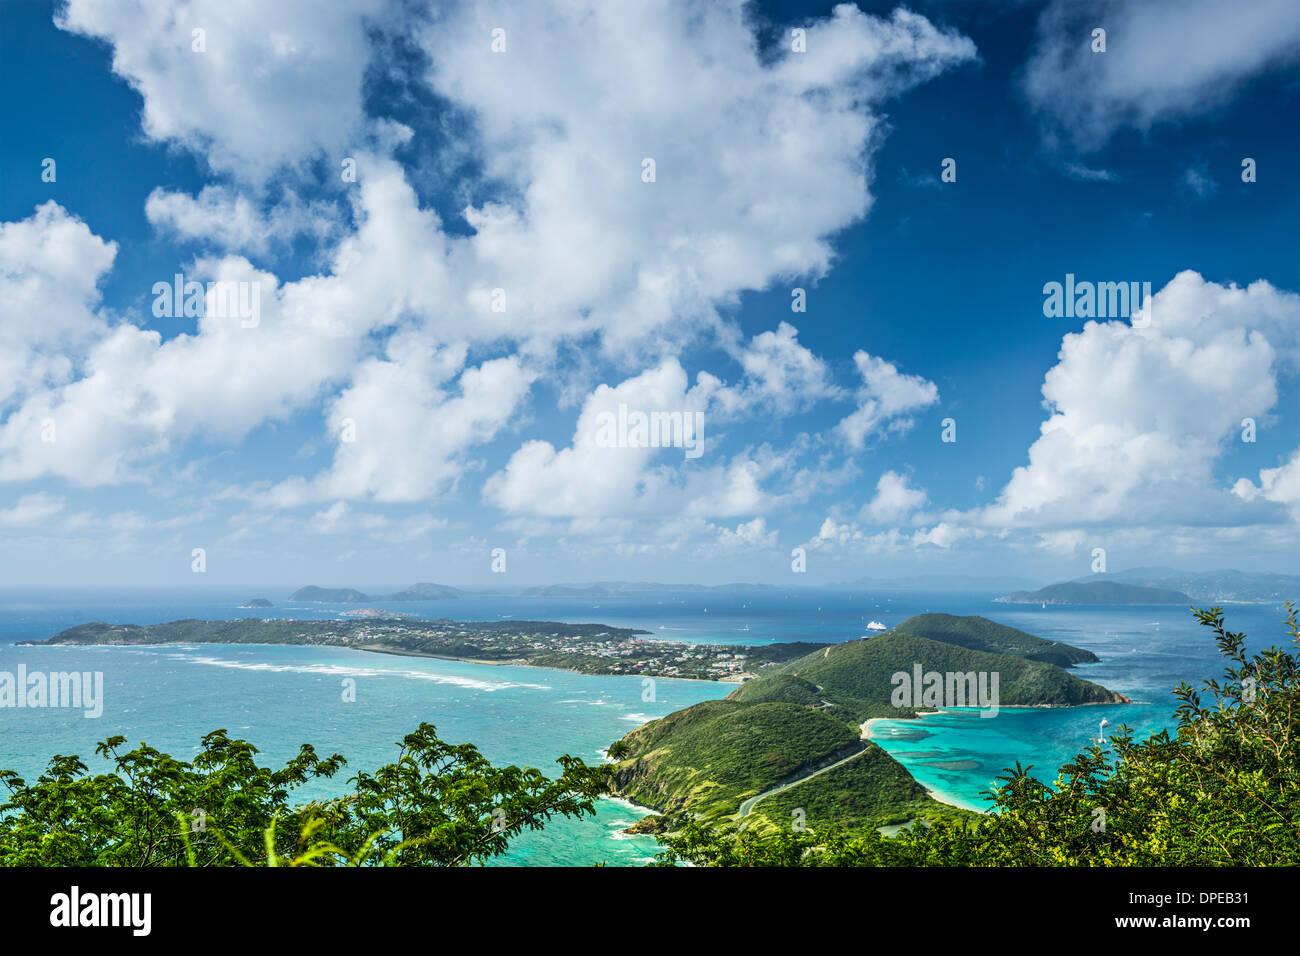 Virgin Gorda dans les îles Vierges britanniques des Caraïbes. Banque D'Images